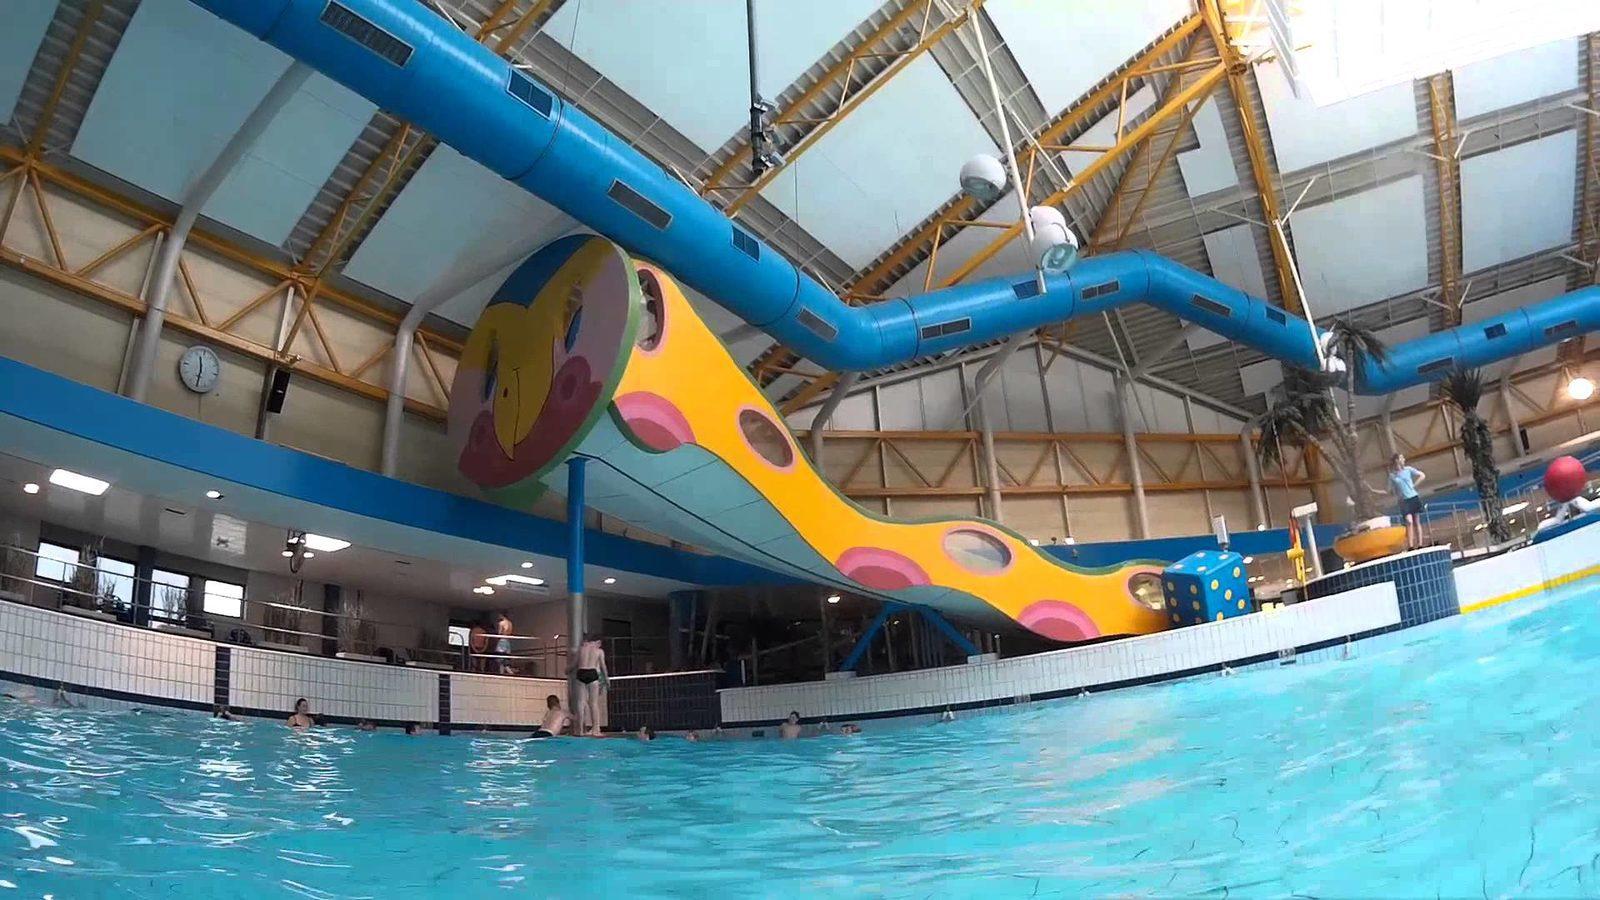 Whirlpool Bad Eindhoven : Hotel la reine ☆ eindhoven nordbrabant niederlande